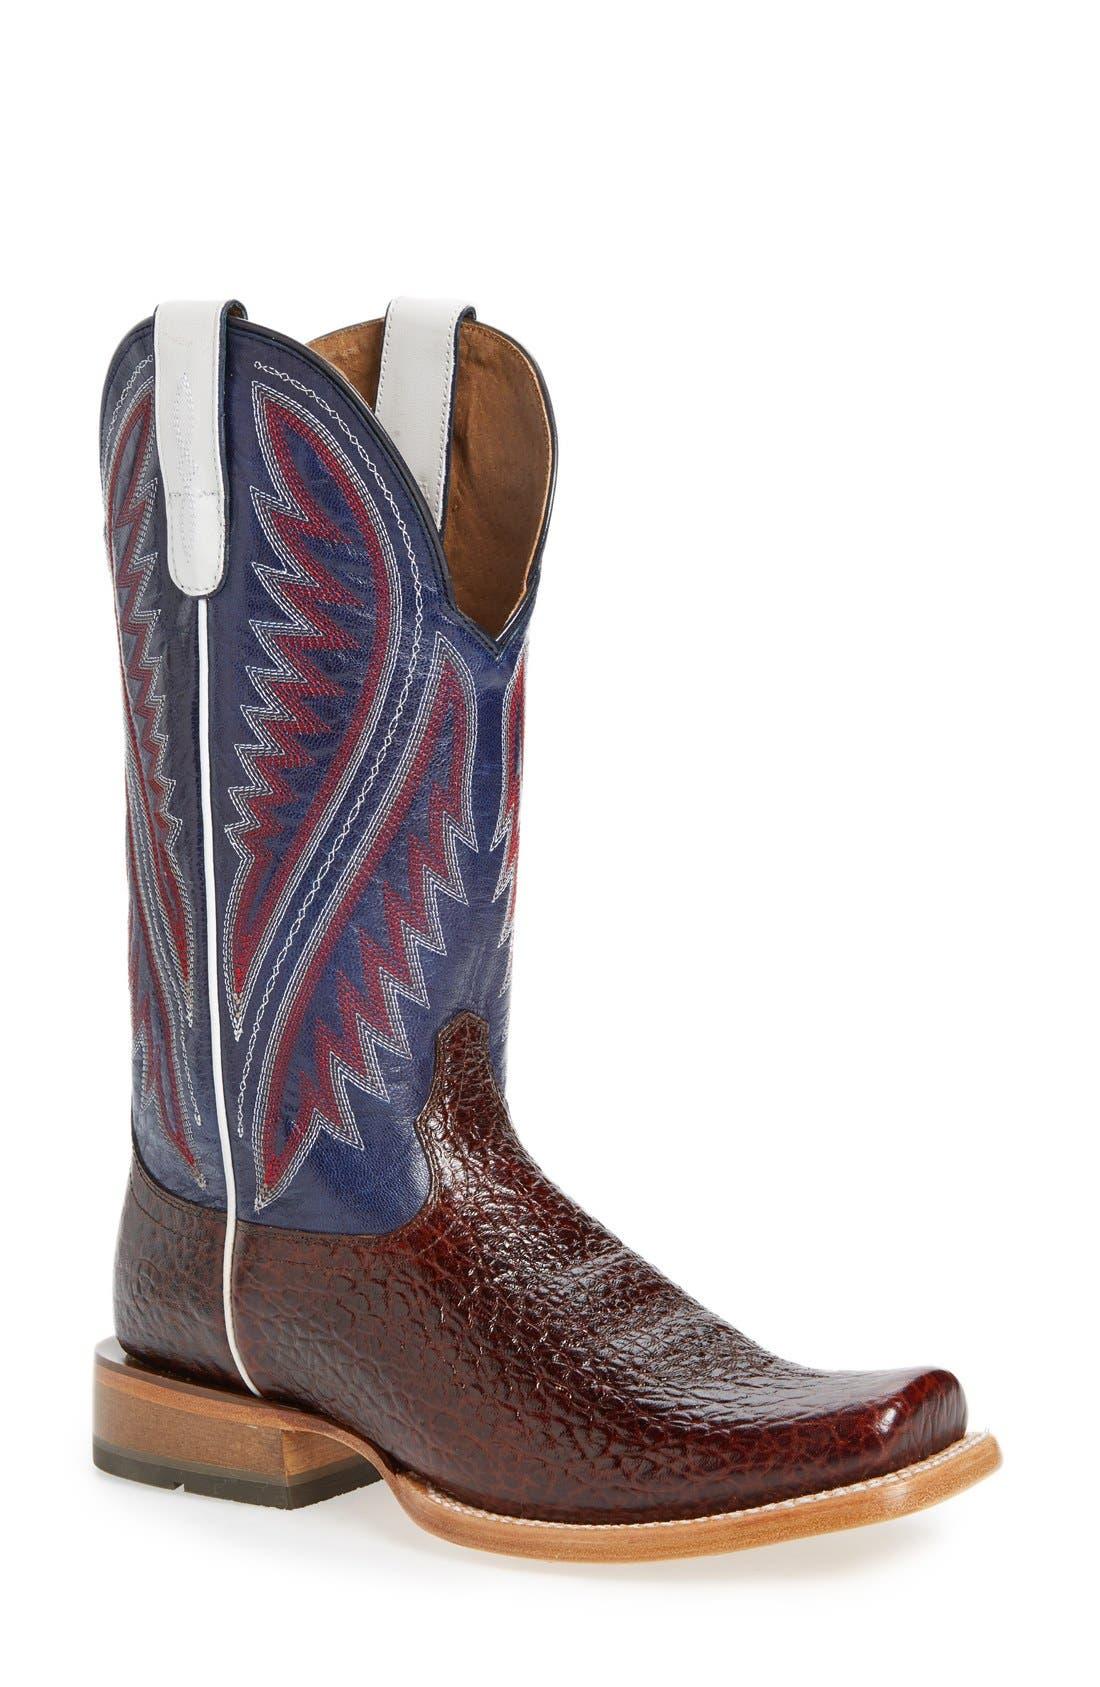 Alternate Image 1 Selected - Ariat 'Hoolihan' Cowboy Boot (Men)